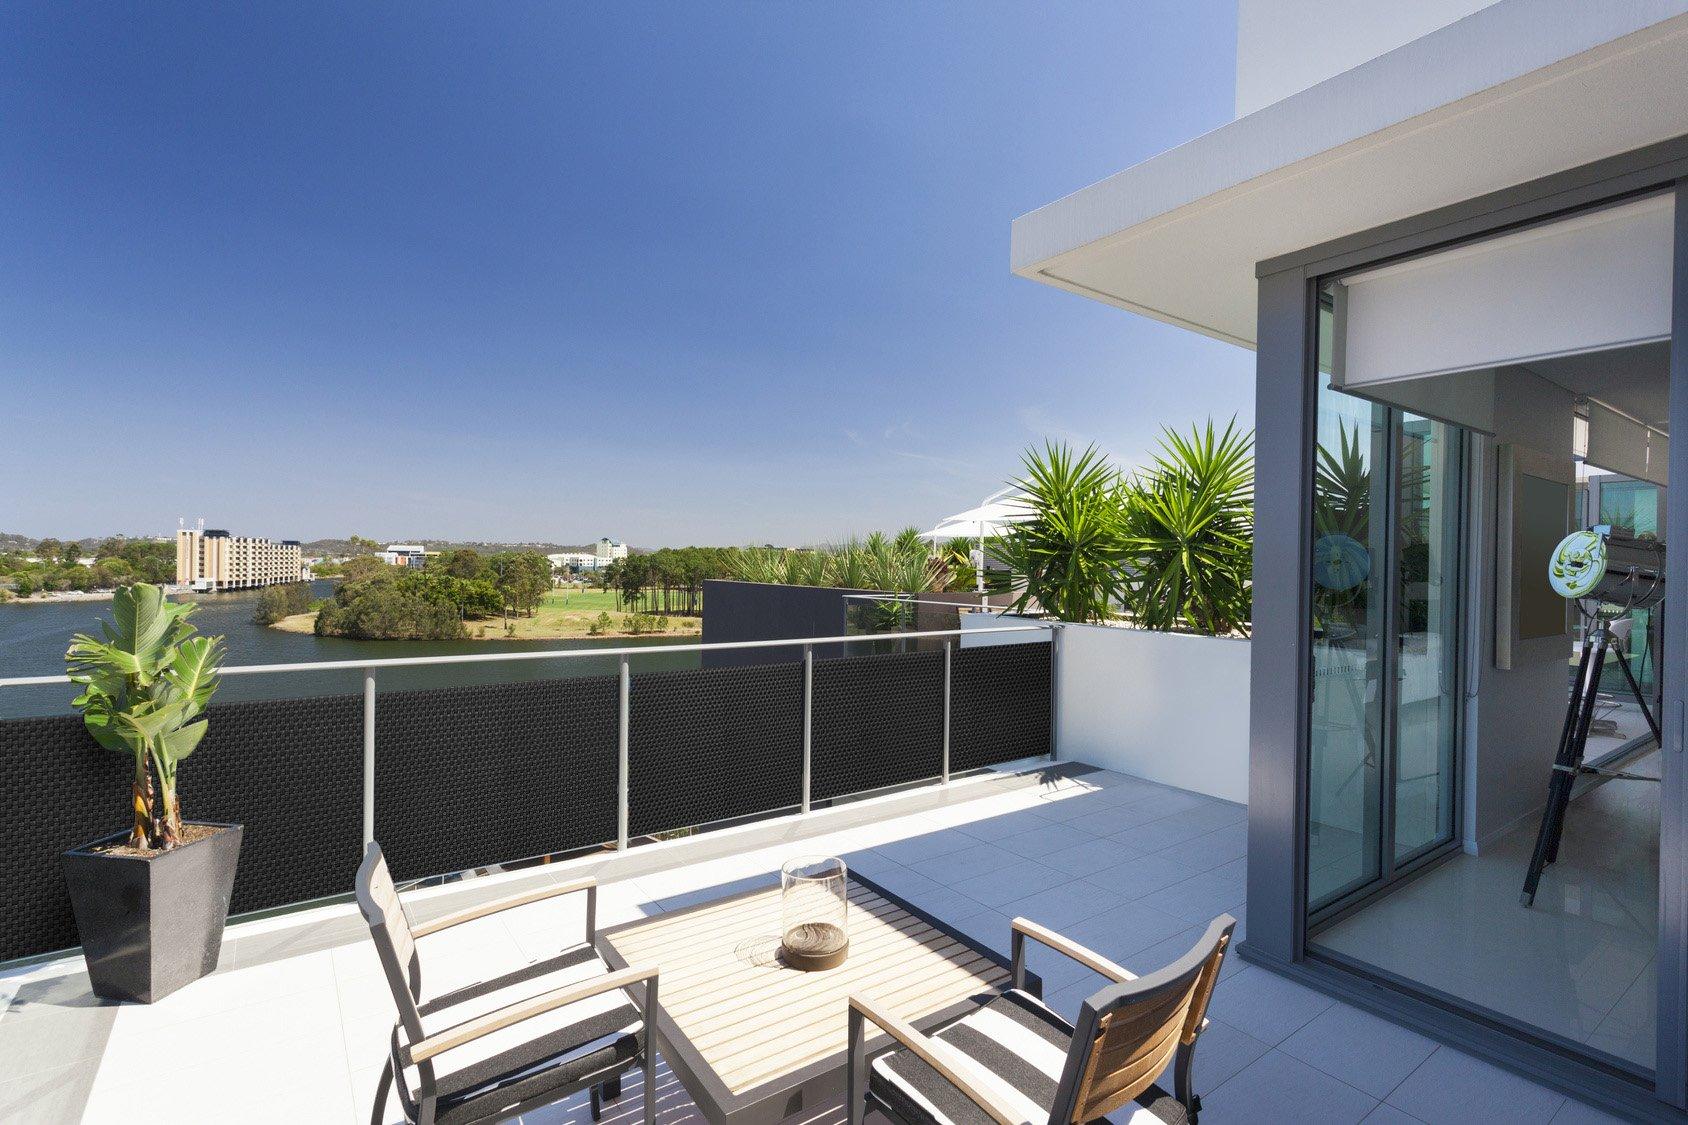 Balkonabdeckung// Balkon Sichtschutz//Rattanmatten mit Ösen zuschneiden alle 10 cm